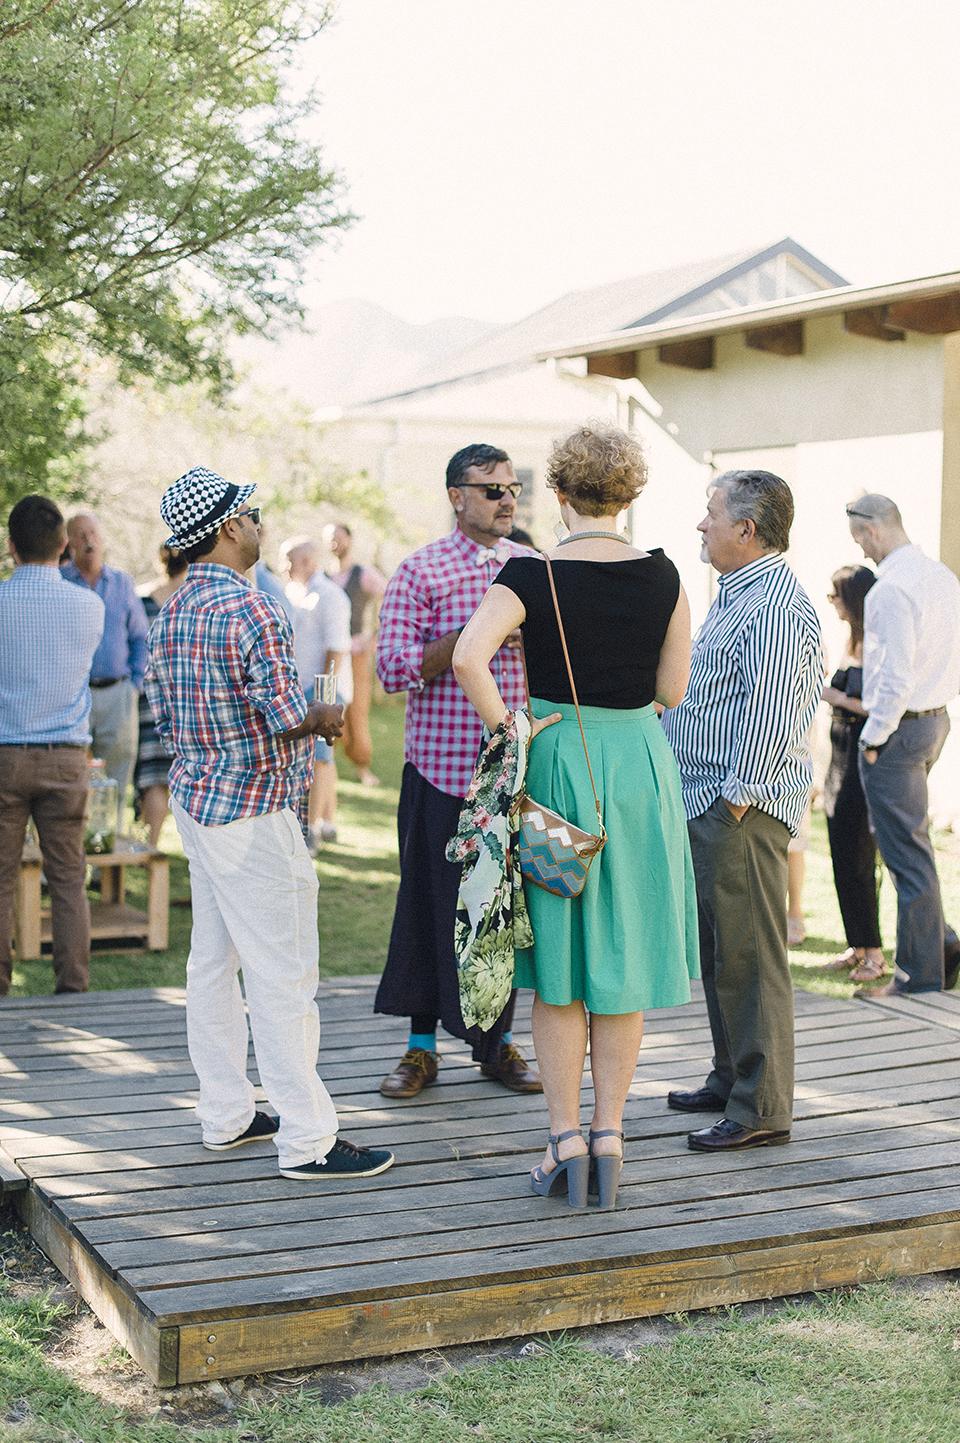 RyanParker_WeddingPhotographer_FineArt_CapeTown_Stanford_Hermanus_J&I_DSC_0250.jpg